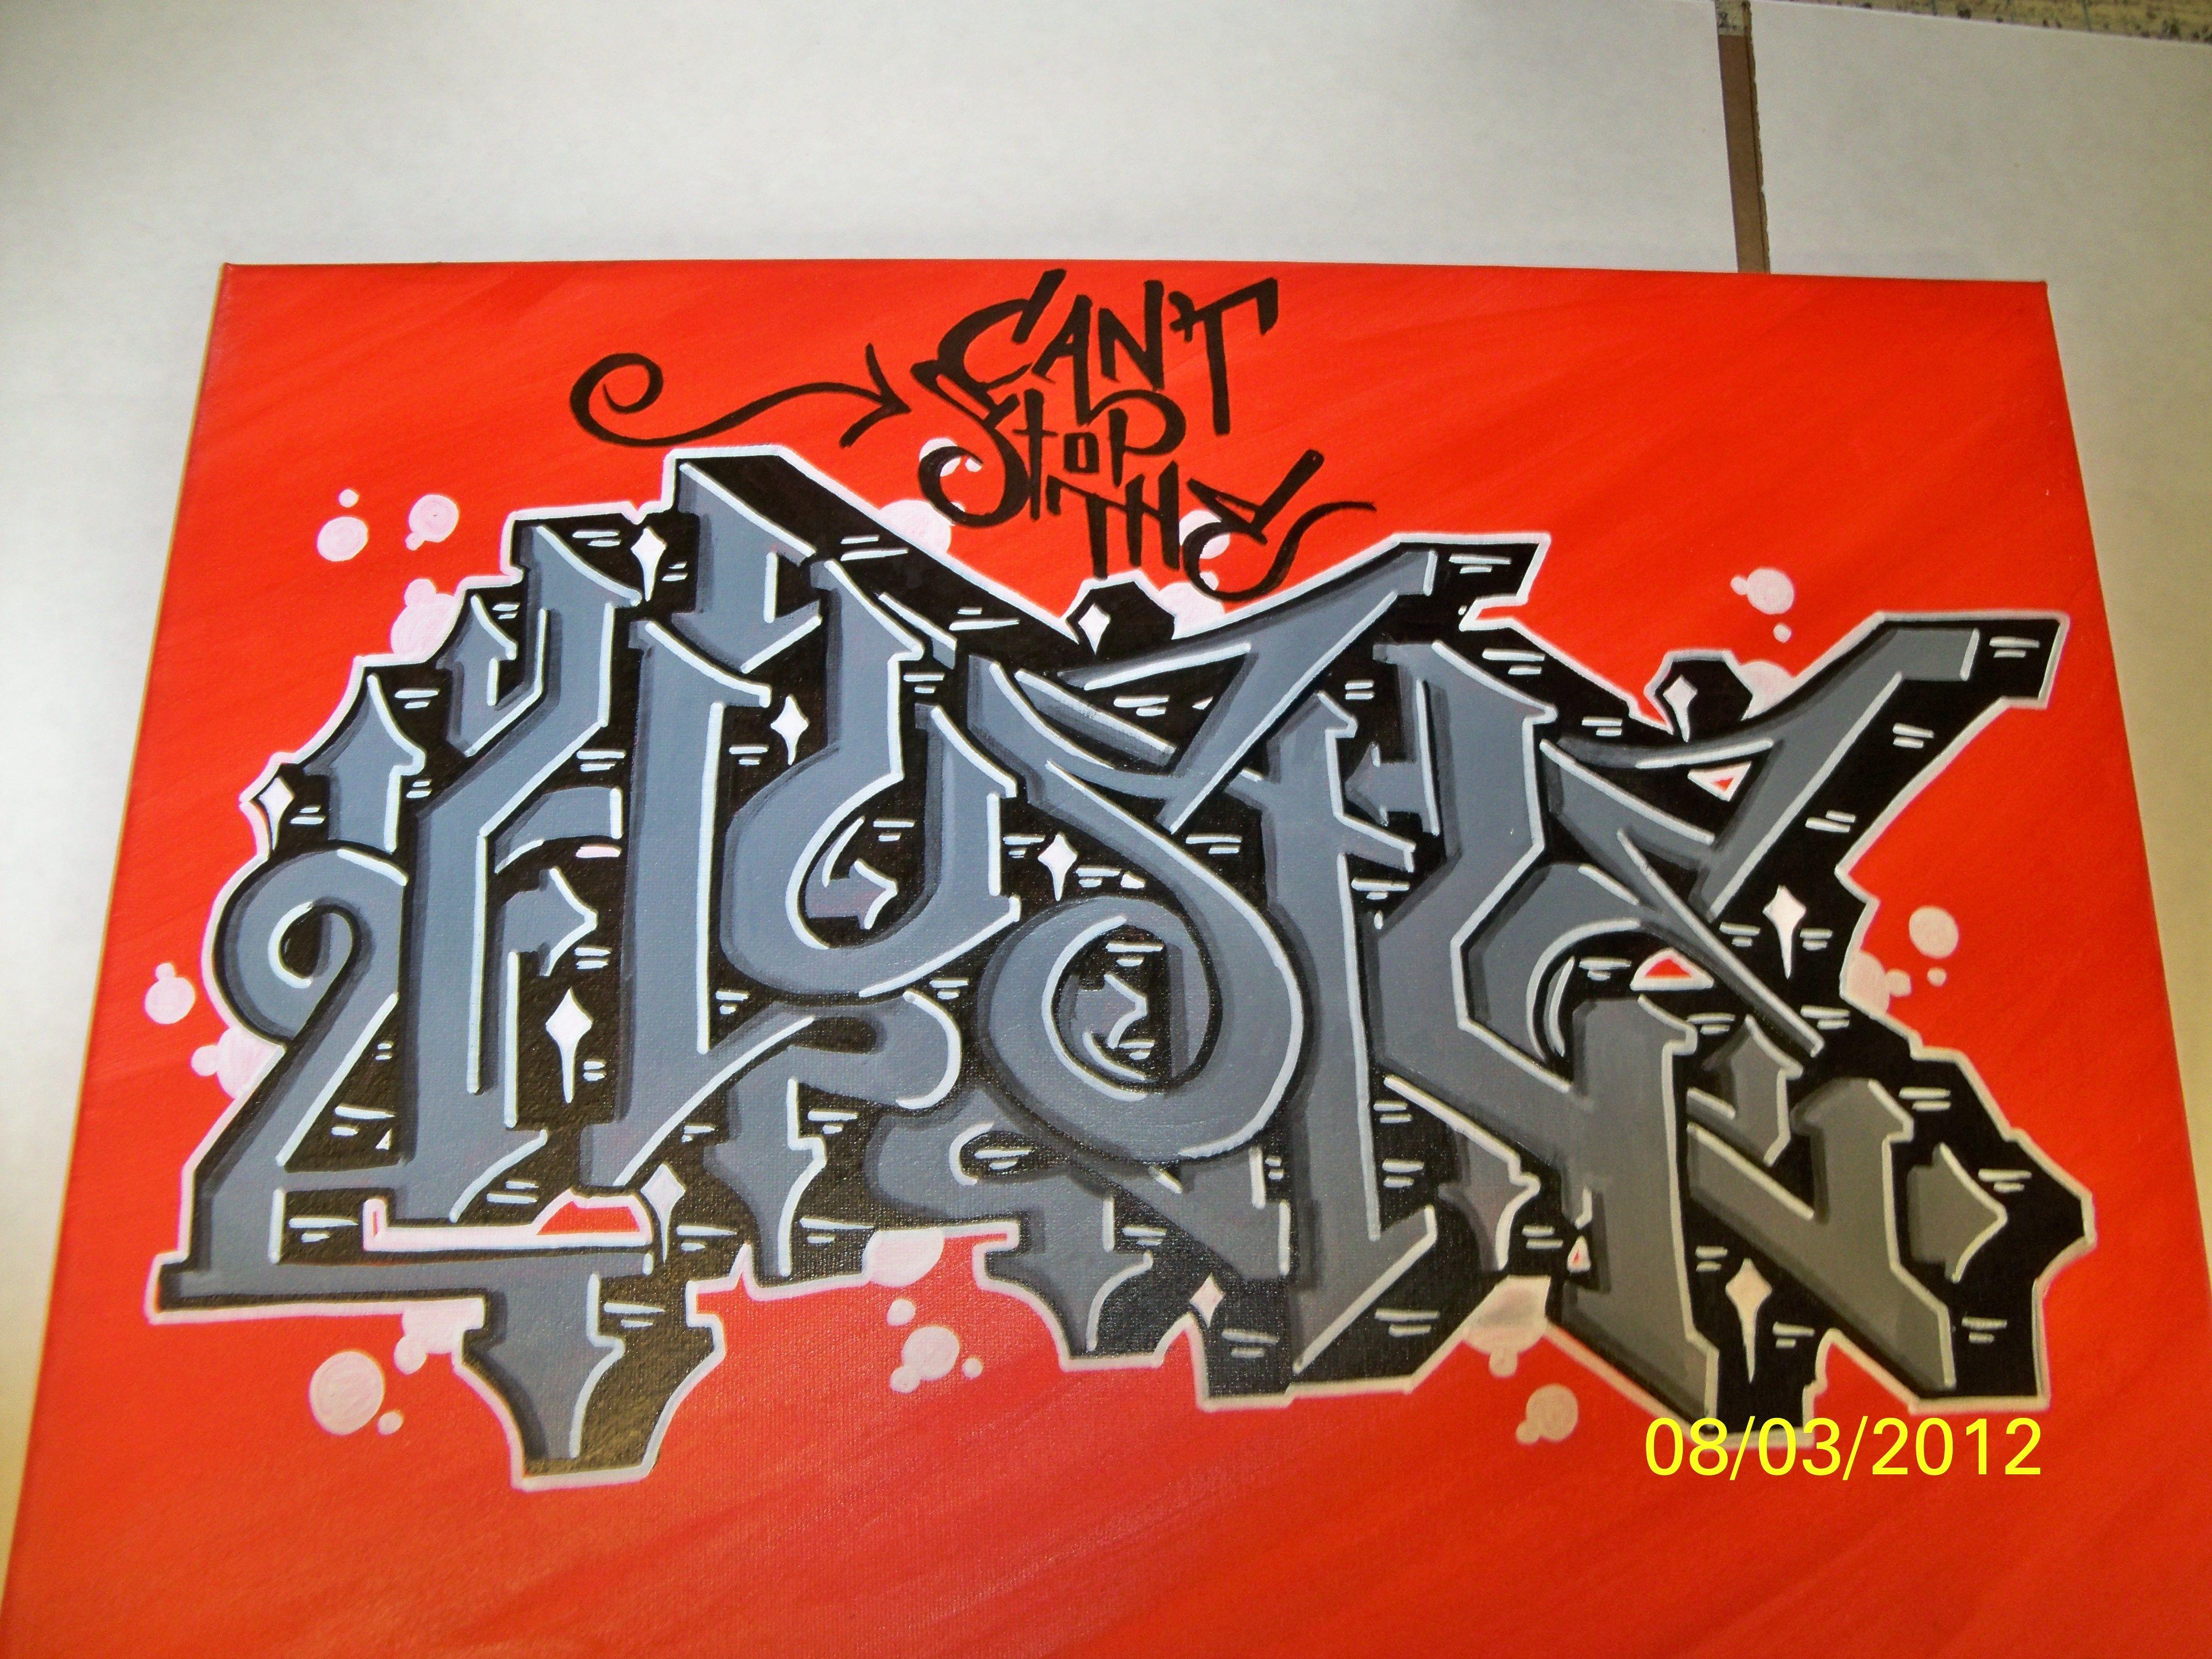 Graffiti art quotes - Can T Stop The Hustle Graffiti Striveone Vincentquitugua Amazing Art